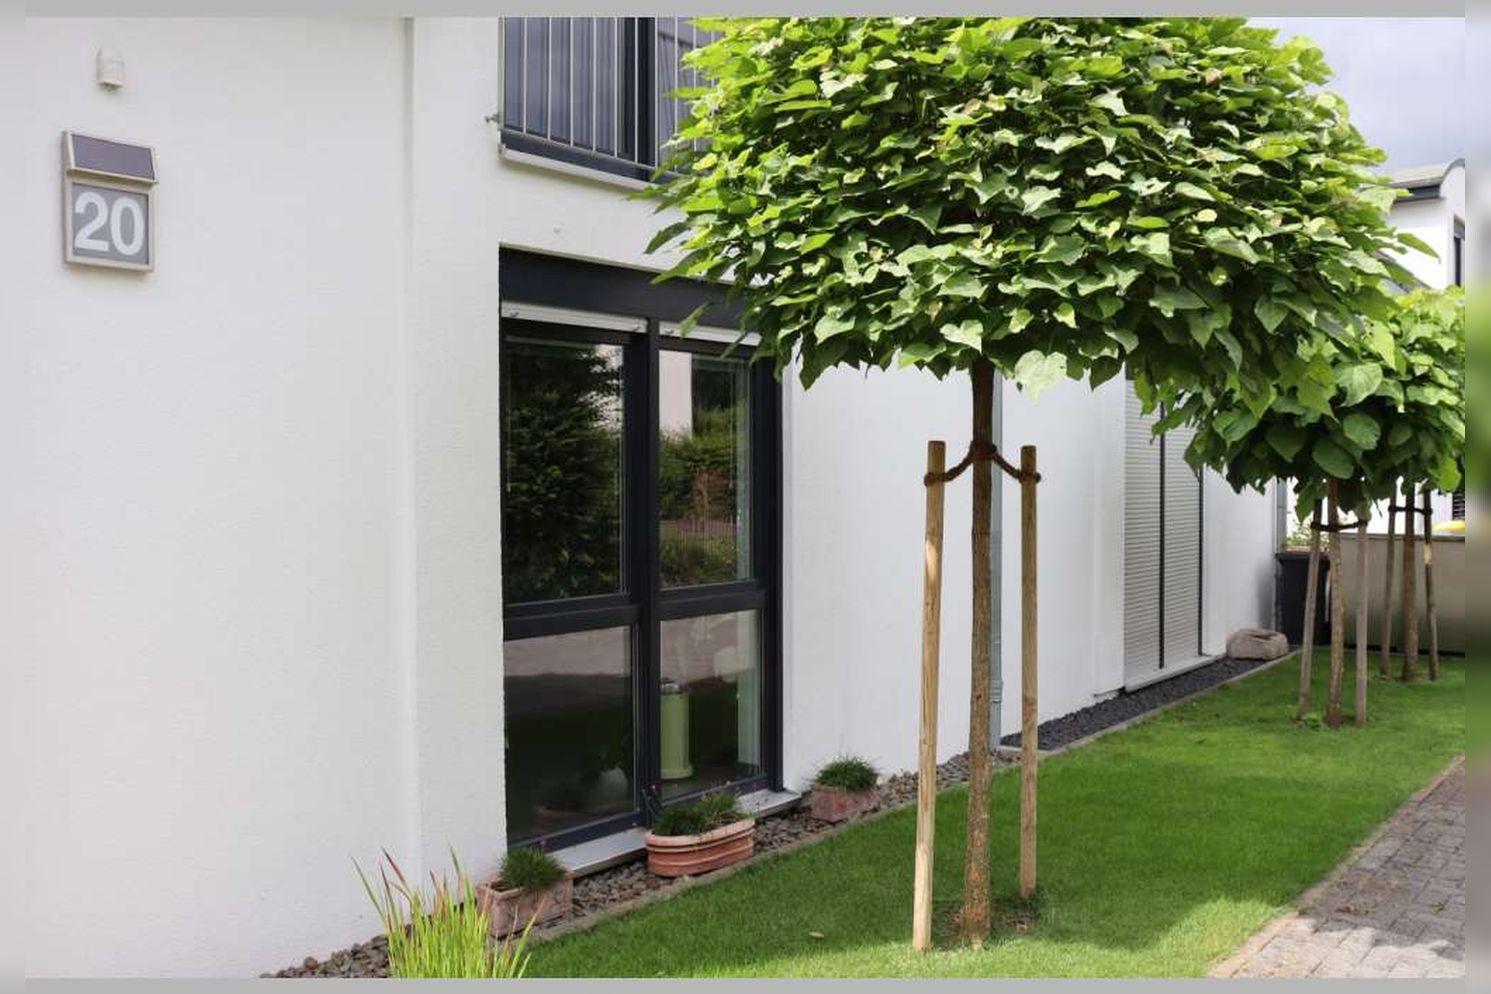 Immobilie Nr.0267 | Am Forstenberg 20, 40668 Meerbusch - Lank